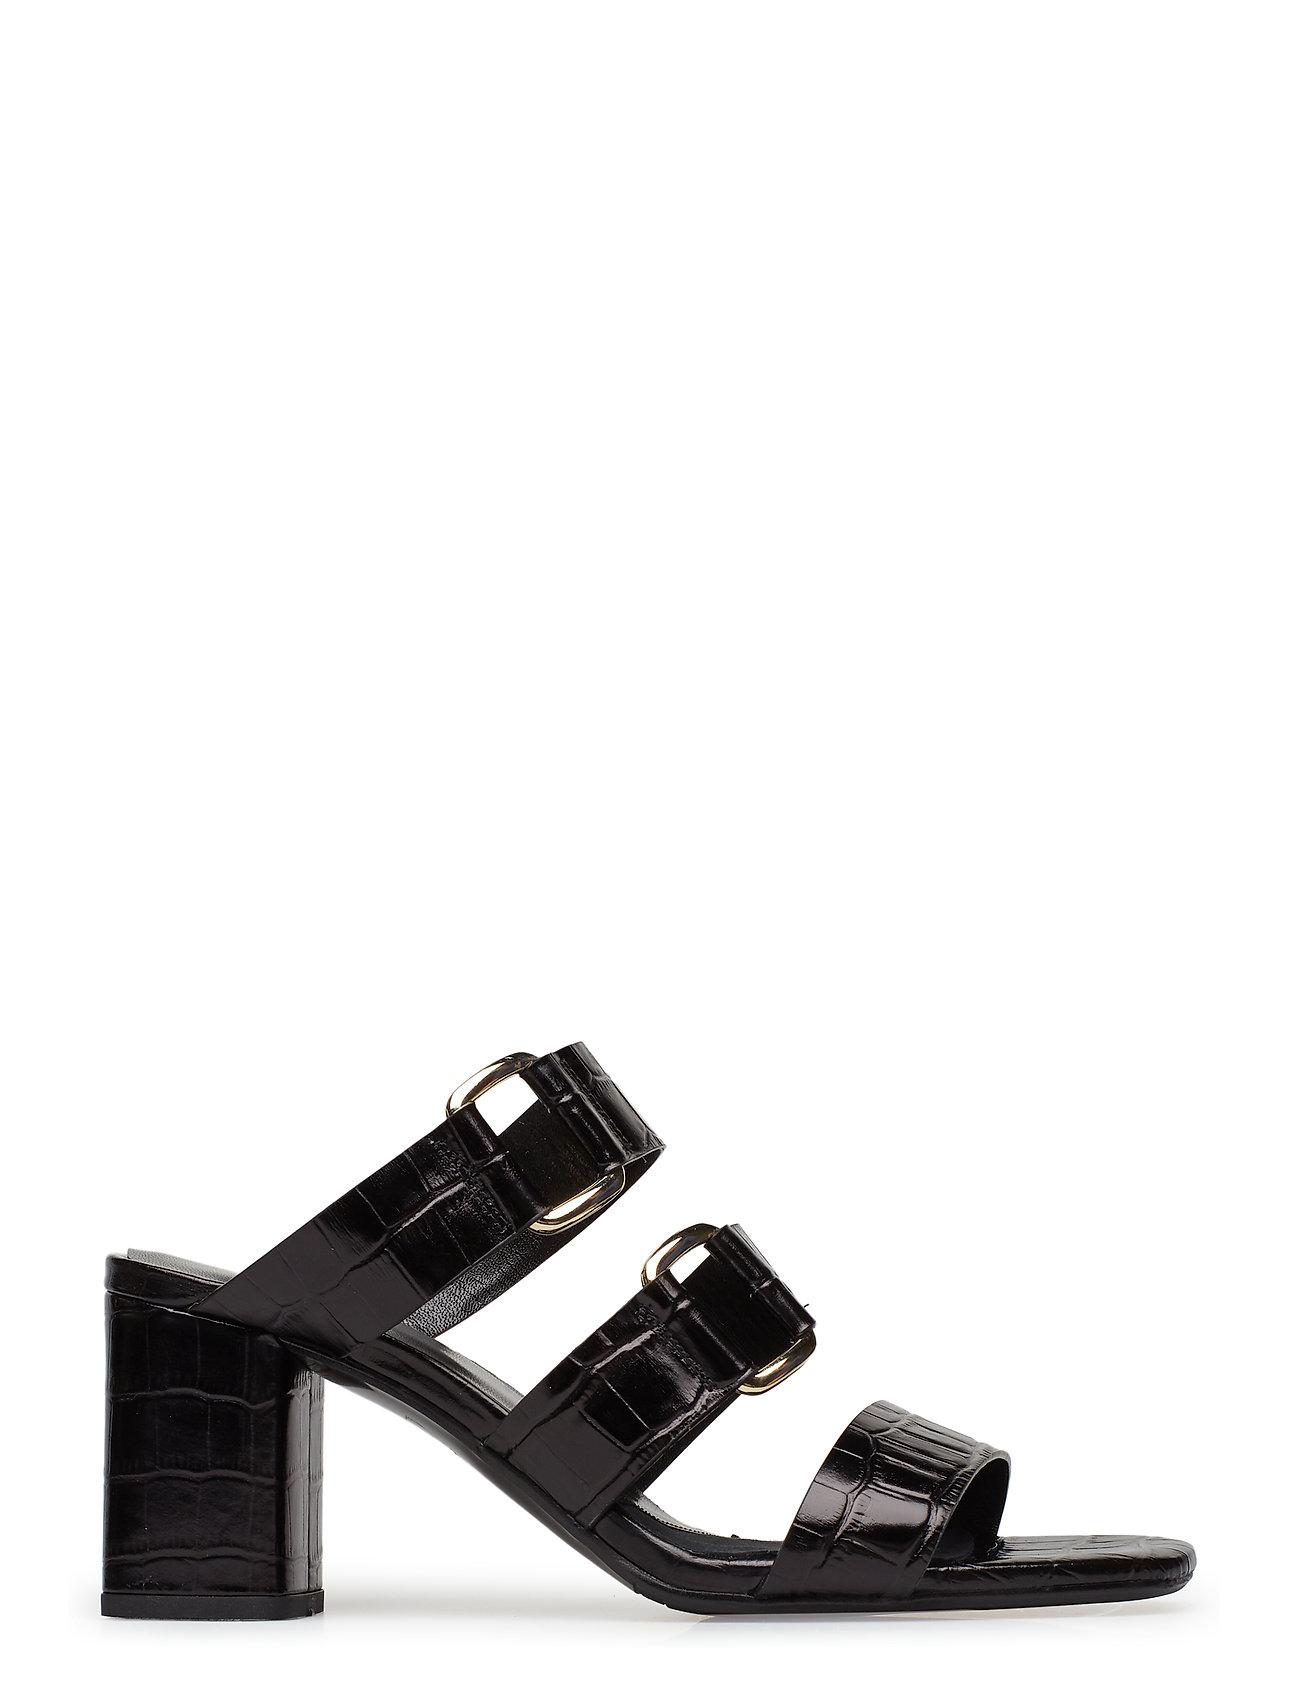 Sandals 8110 Sandal M. Hæl Sort Billi Bi